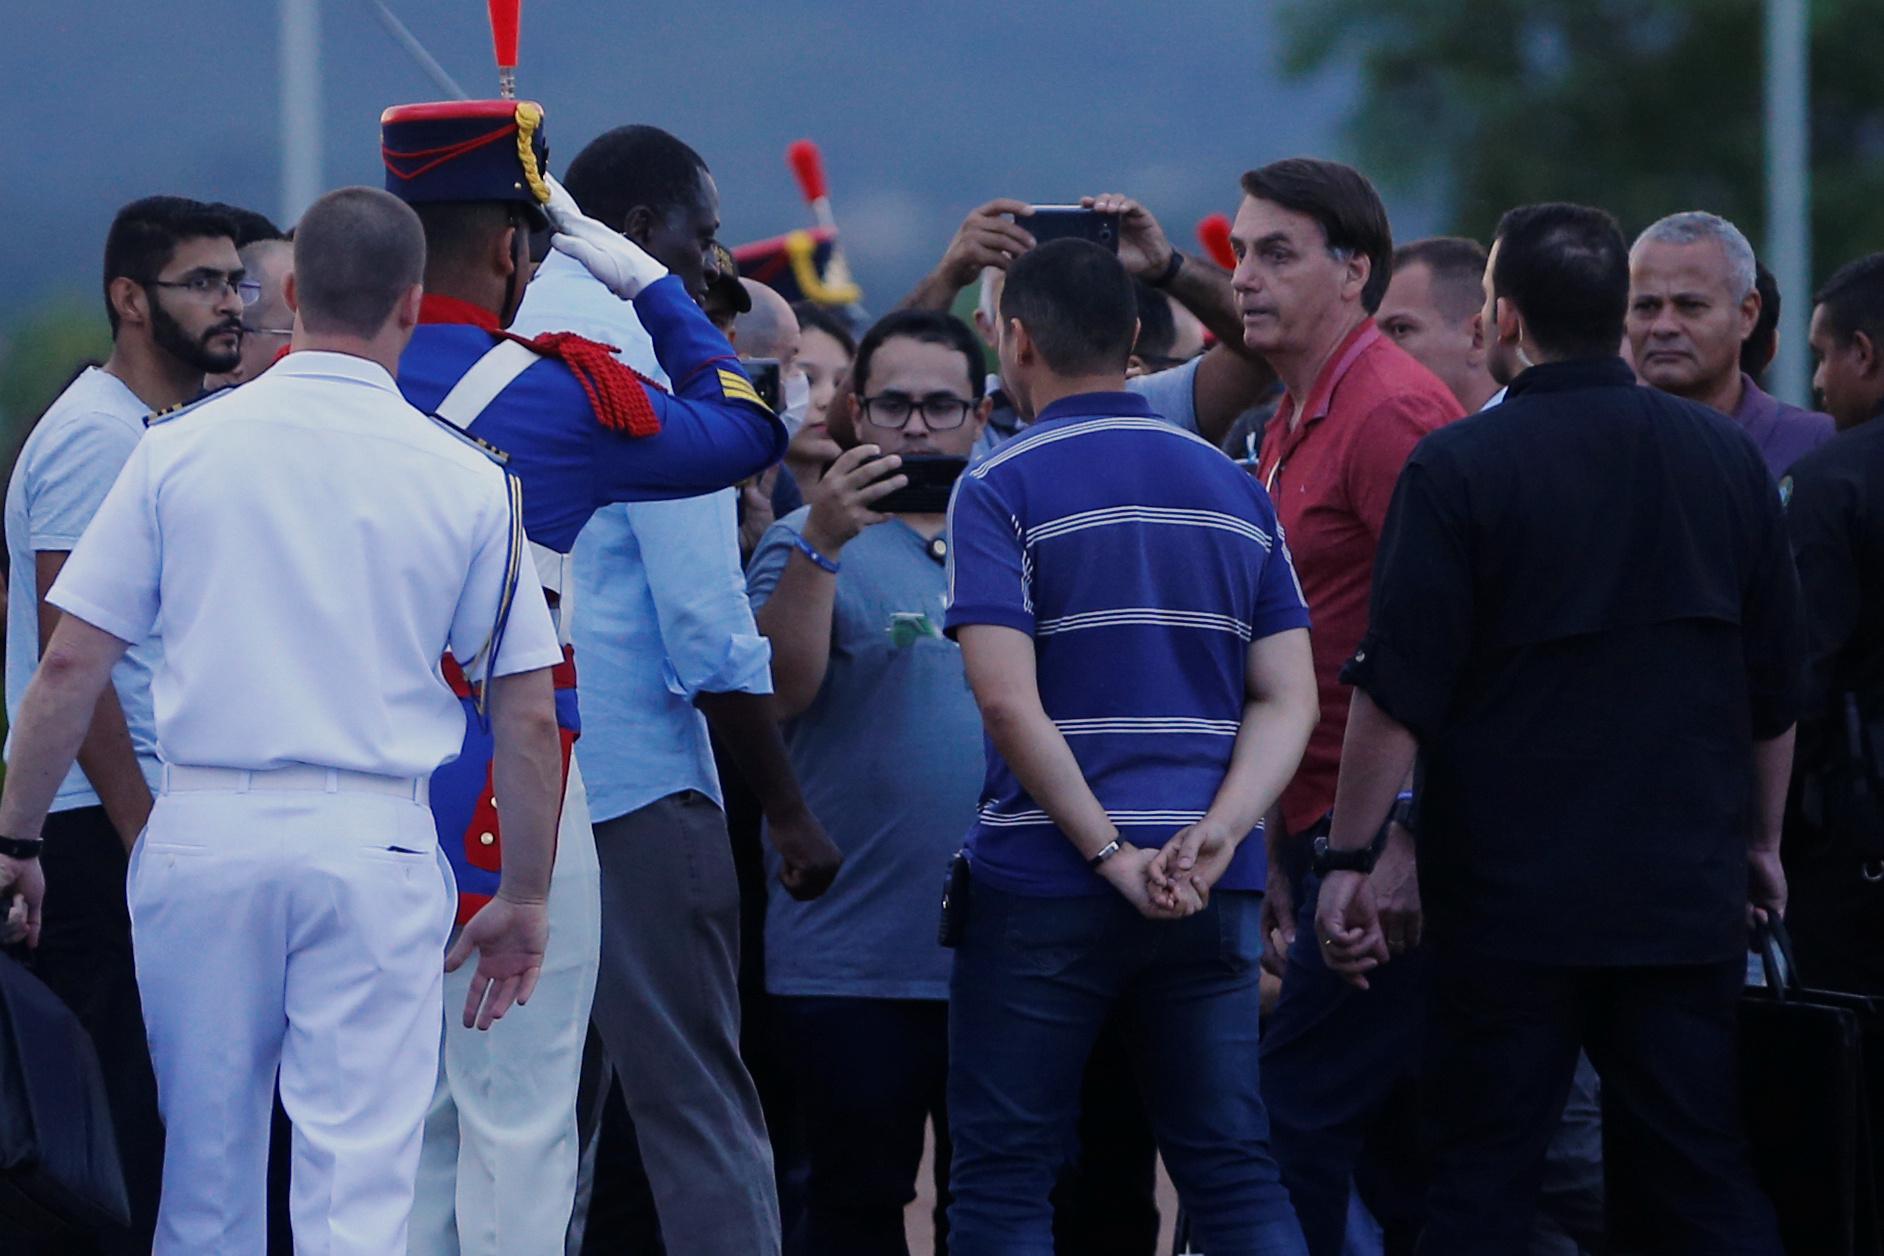 El presidente Jair Bolsonaro, sin máscarilla, saludando a seguidores evangélicos en frente del Palacio de la Alvorada, el pasado 5 de Abril REUTERS/Adriano Machado